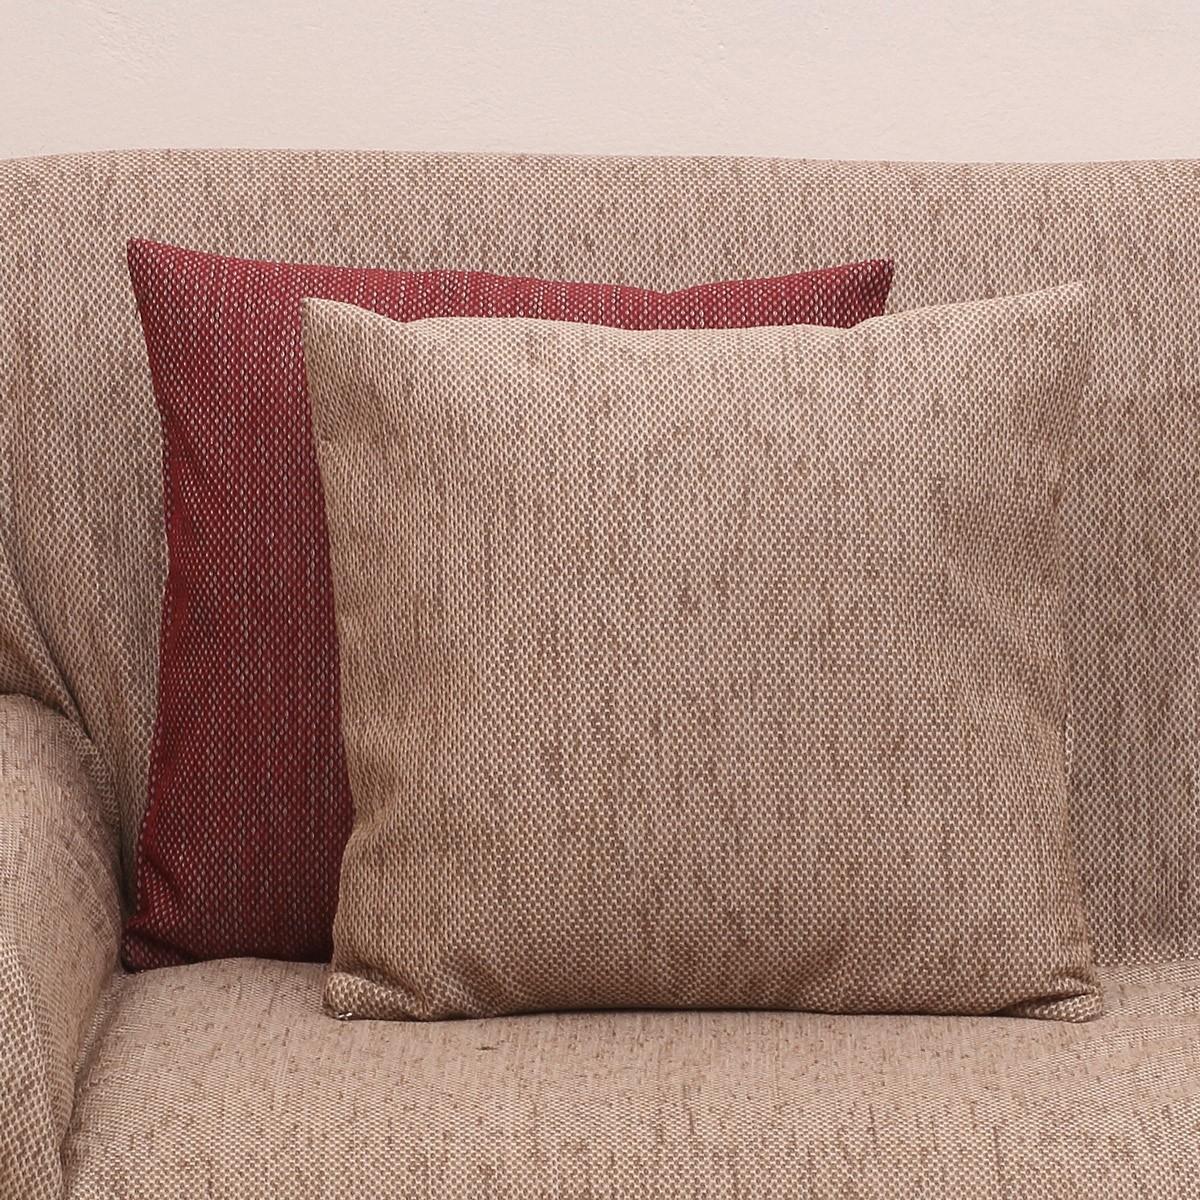 Διακοσμητική Μαξιλαροθήκη (42×42) Viopros 2100 Μπεζ